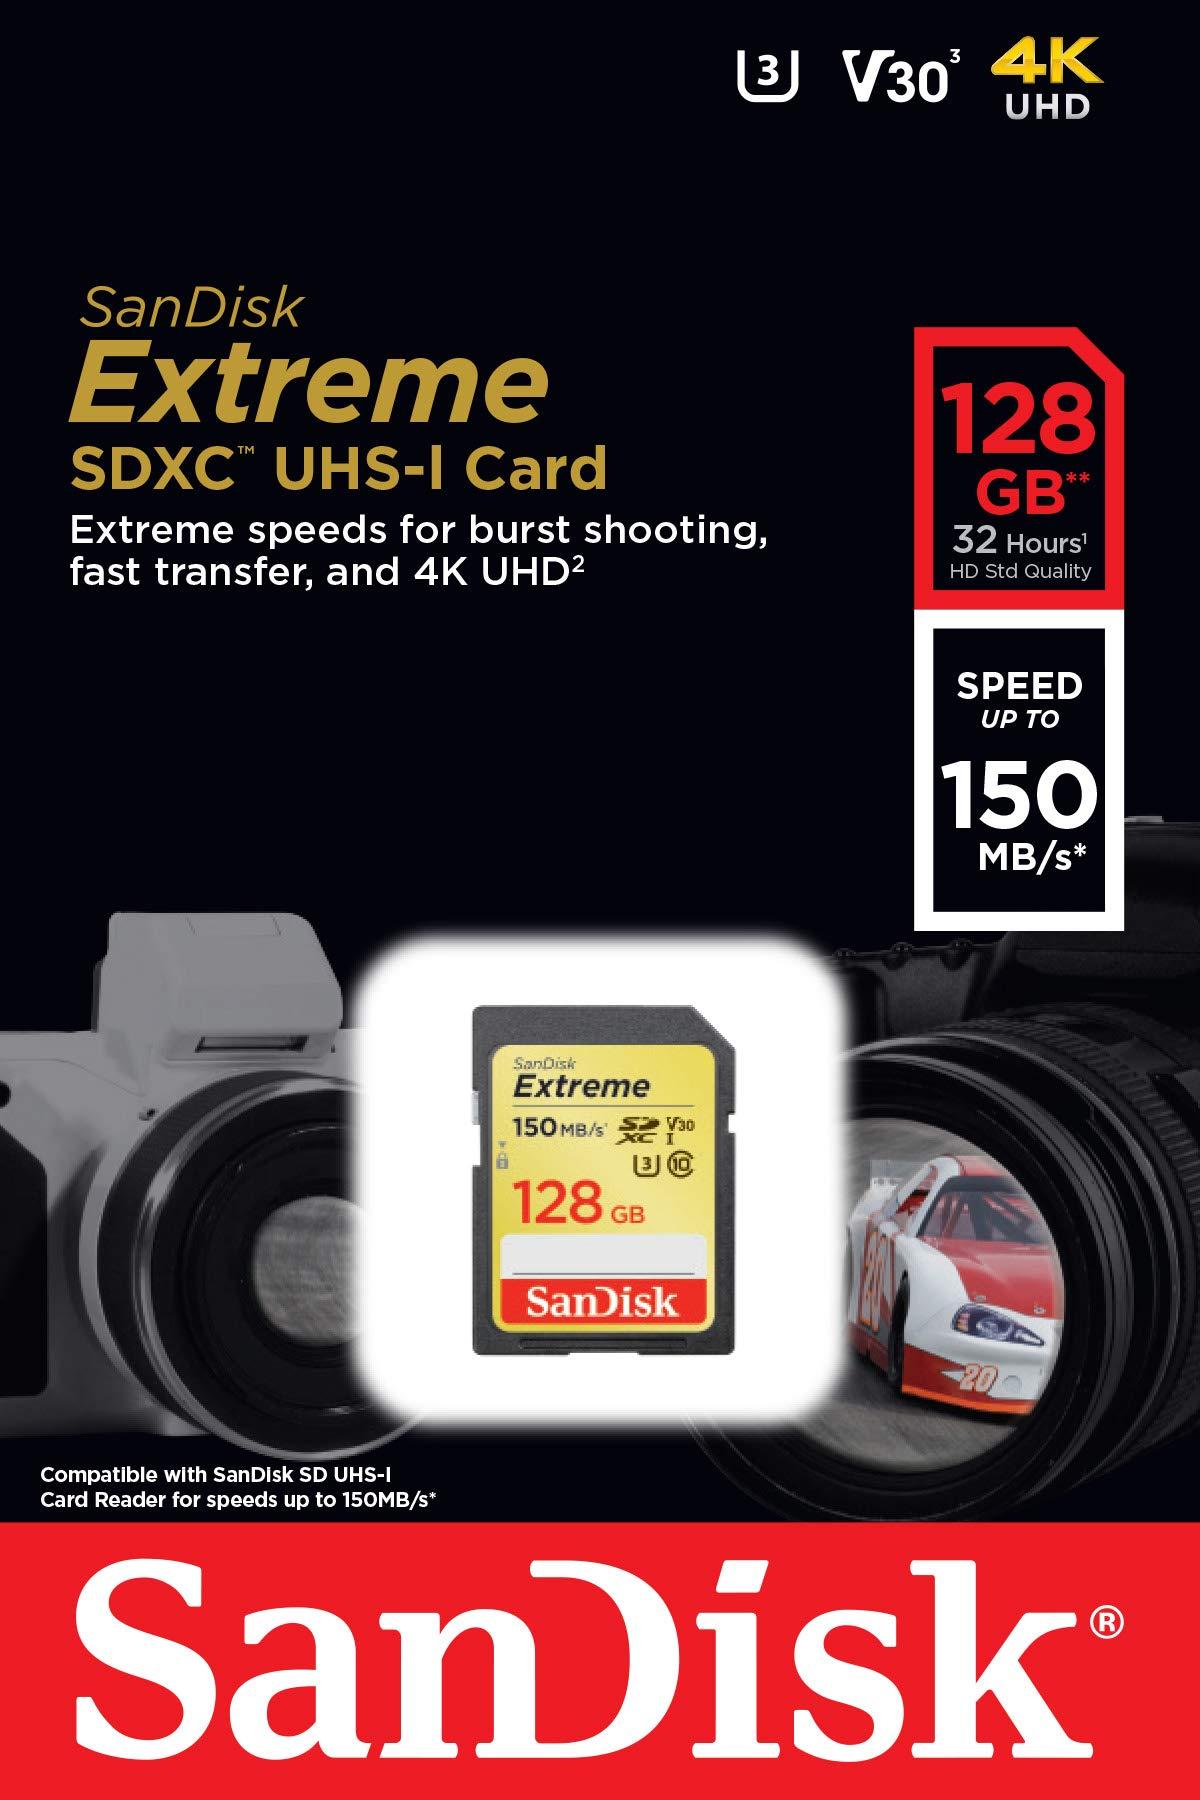 SanDisk 128GB Extreme SDXC UHS-I Card - C10, U3, V30, 4K UHD, SD Card - SDSDXV5-128G-GNCIN by SanDisk (Image #4)